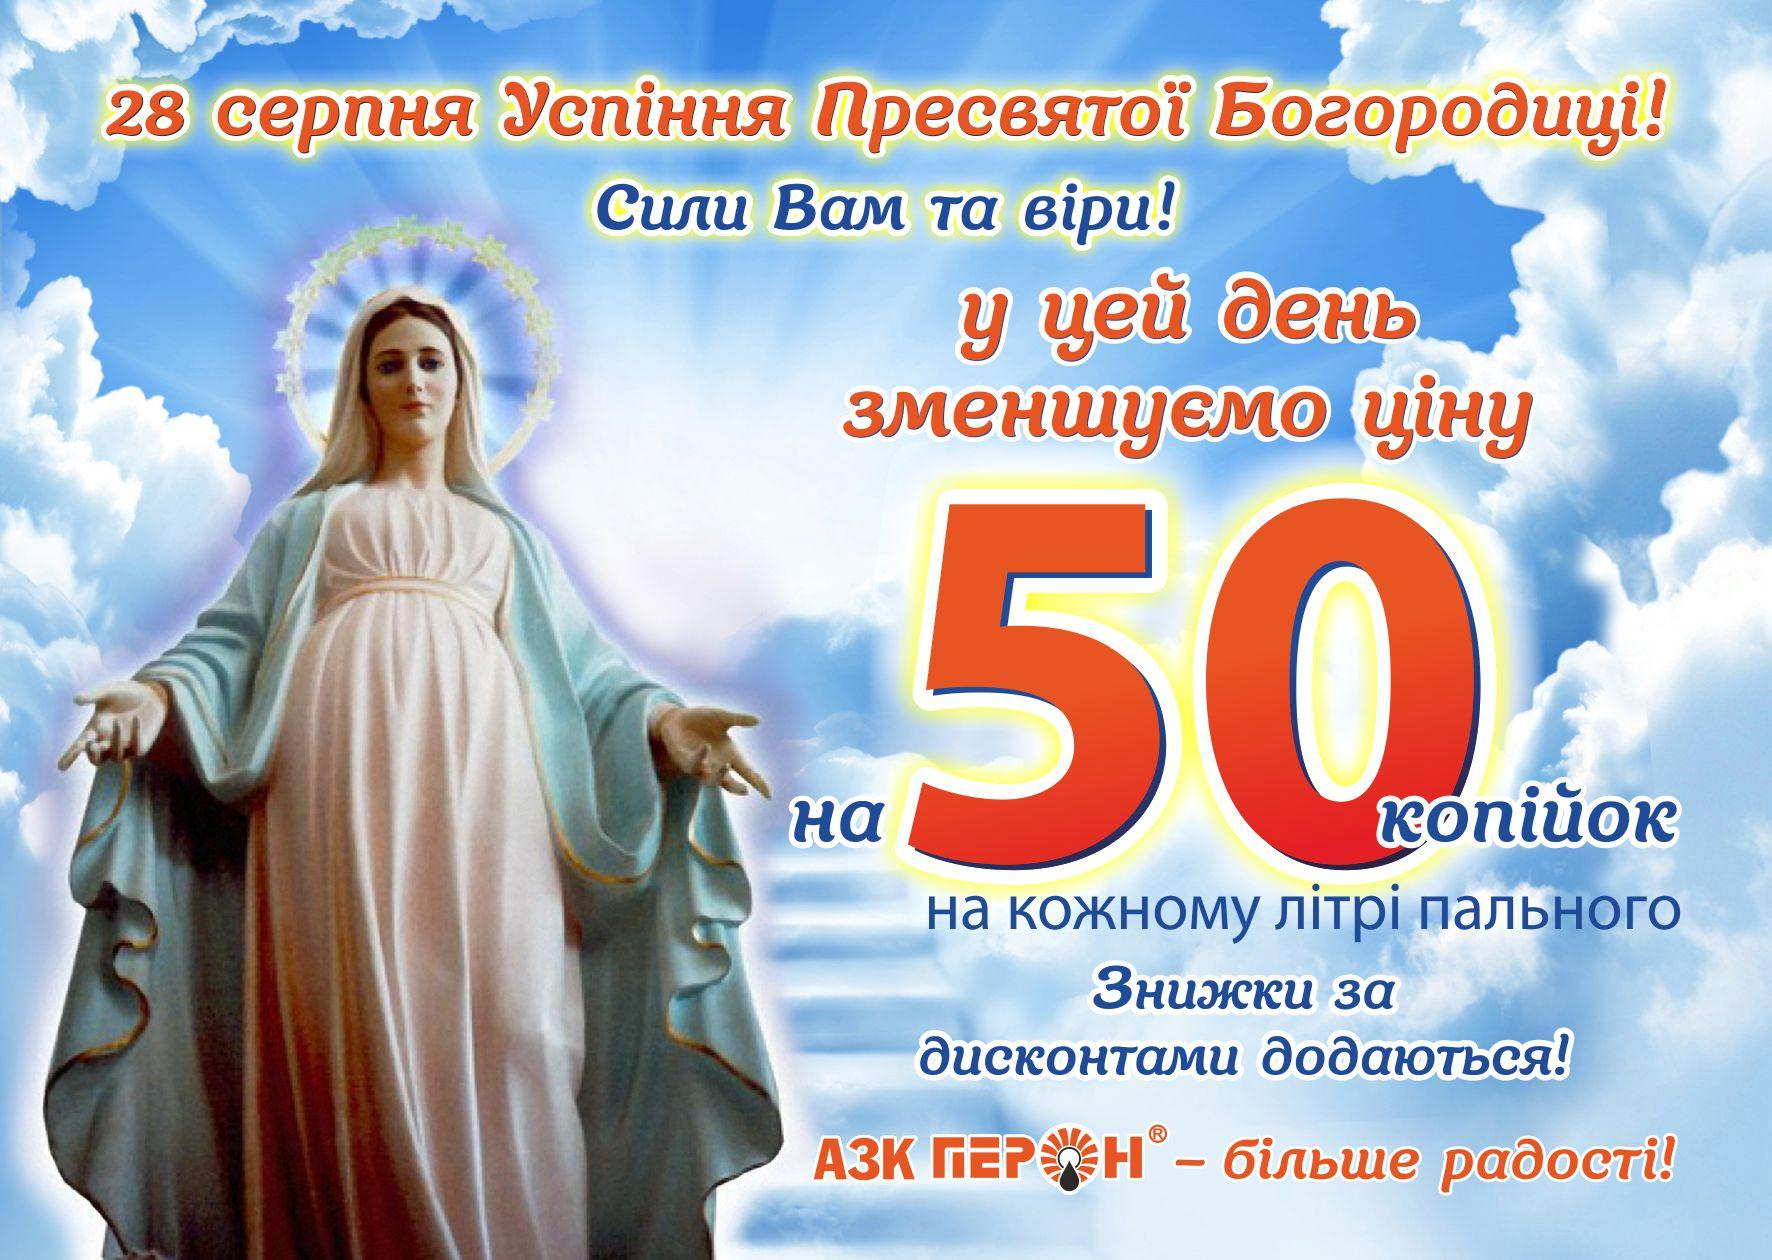 28 серпня Успіння Пресвятої Богородиці!